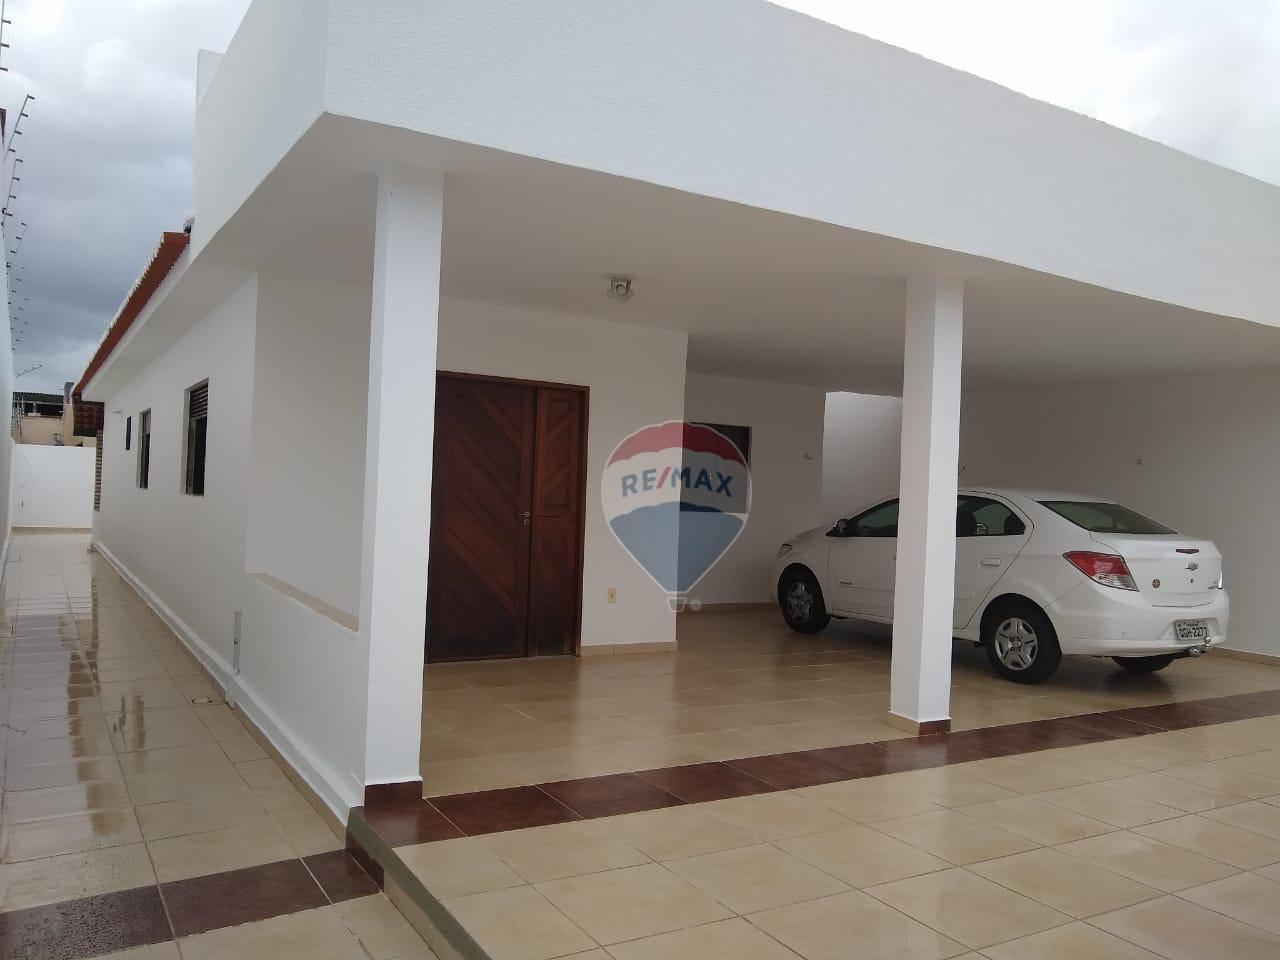 Casa com 3 dormitórios à venda, 152 m² por R$ 240.000,00 - Parque de Exposições - Parnamirim/RN